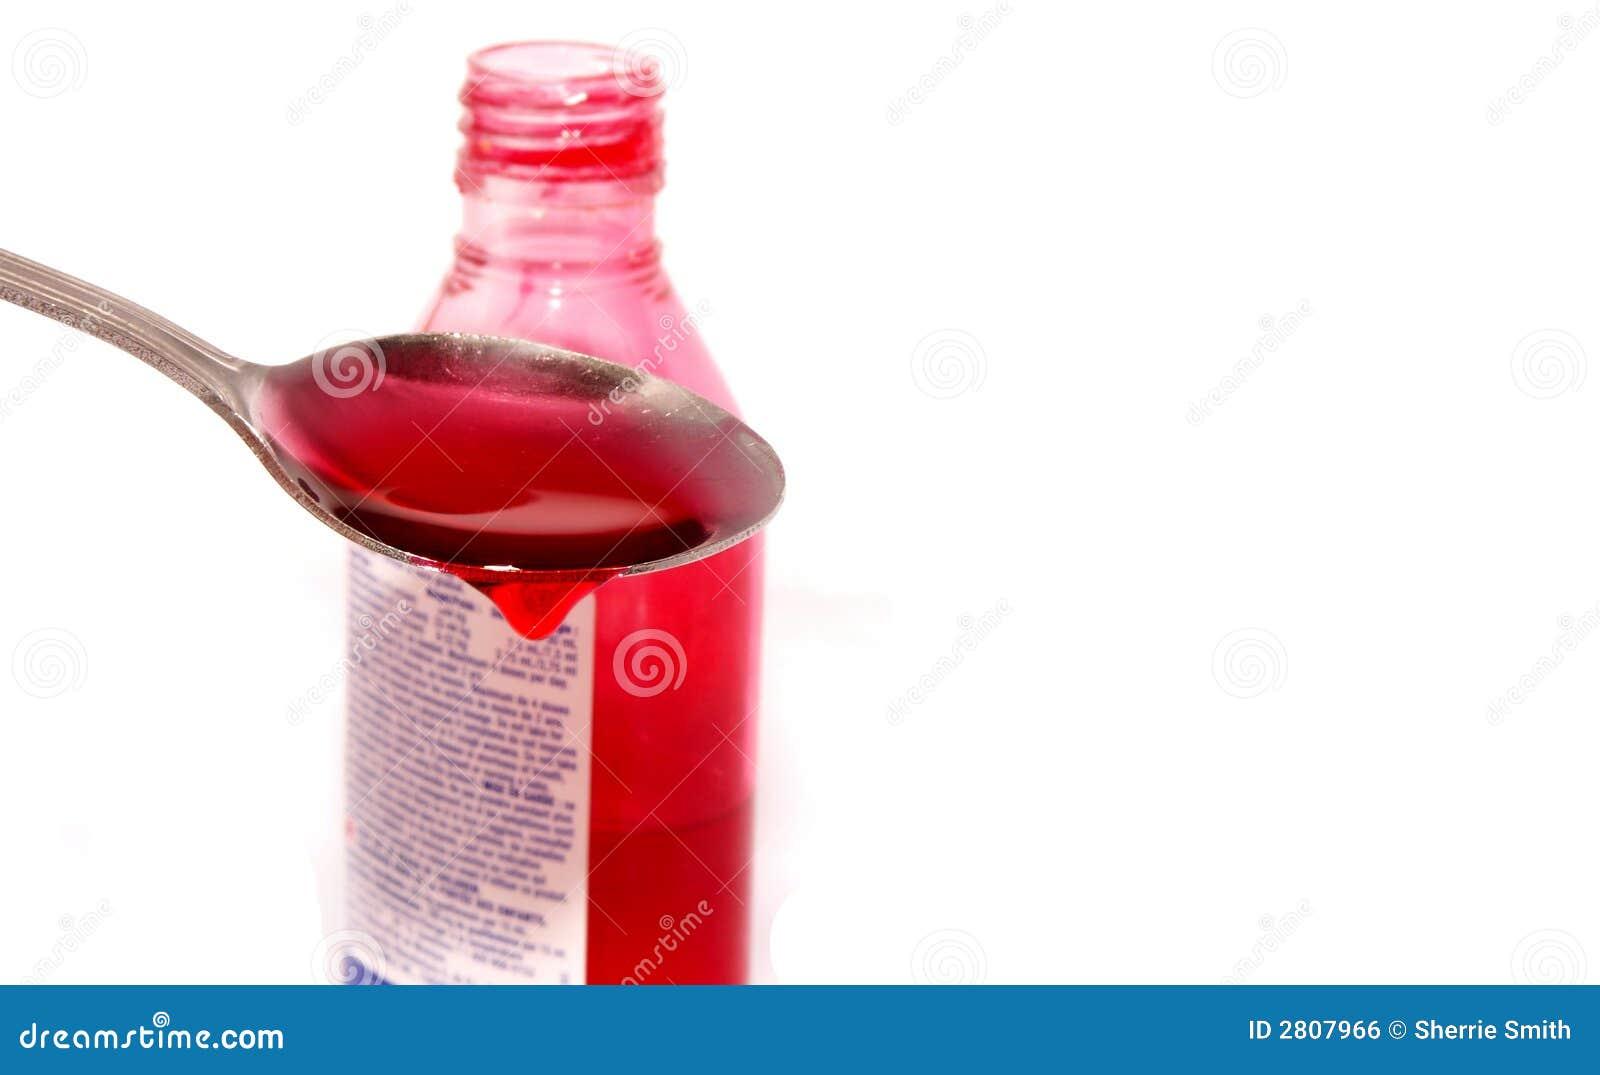 Liquid cialis price